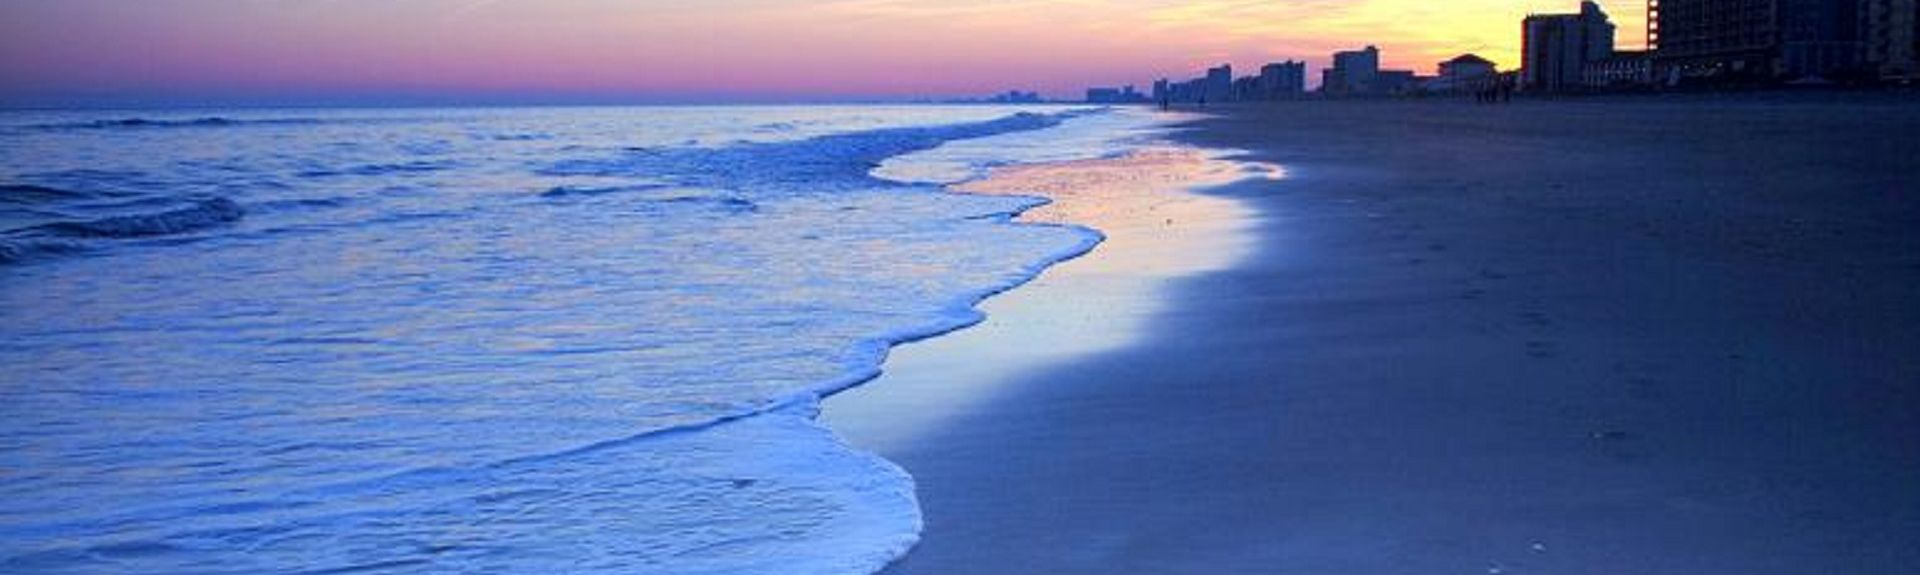 Beach Colony, Myrtle Beach, SC, USA